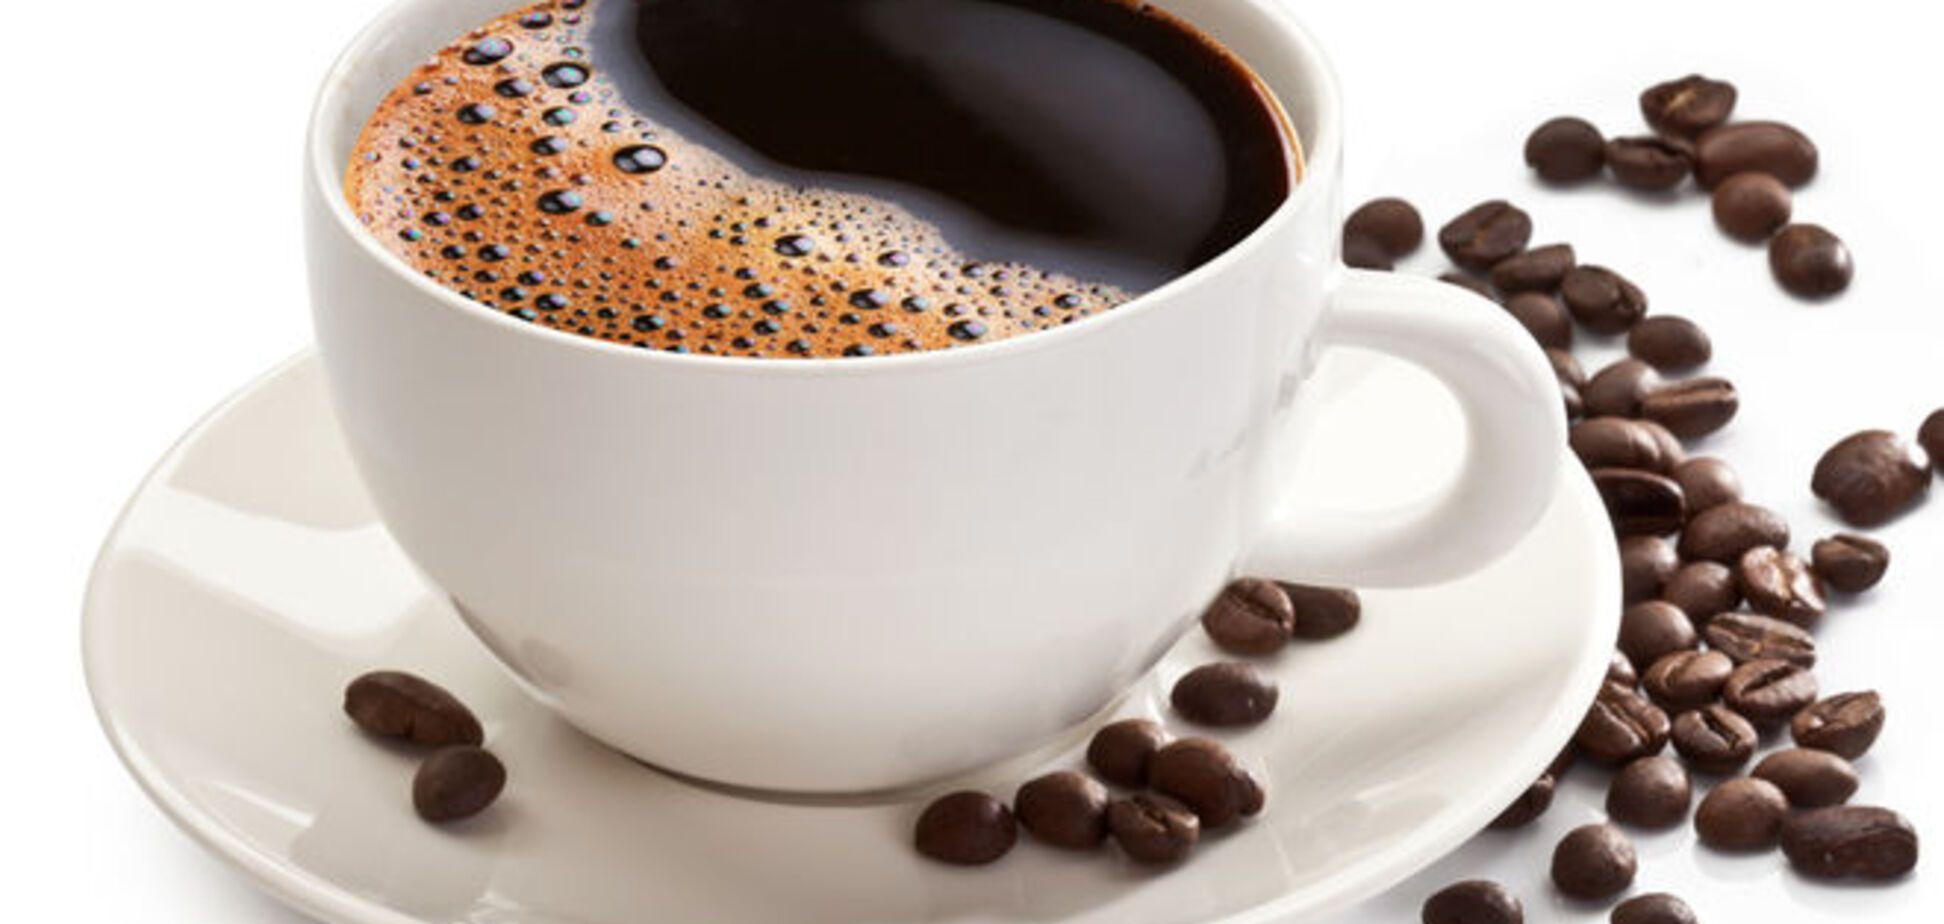 Медики подтвердили: кофе защищает от рака печени